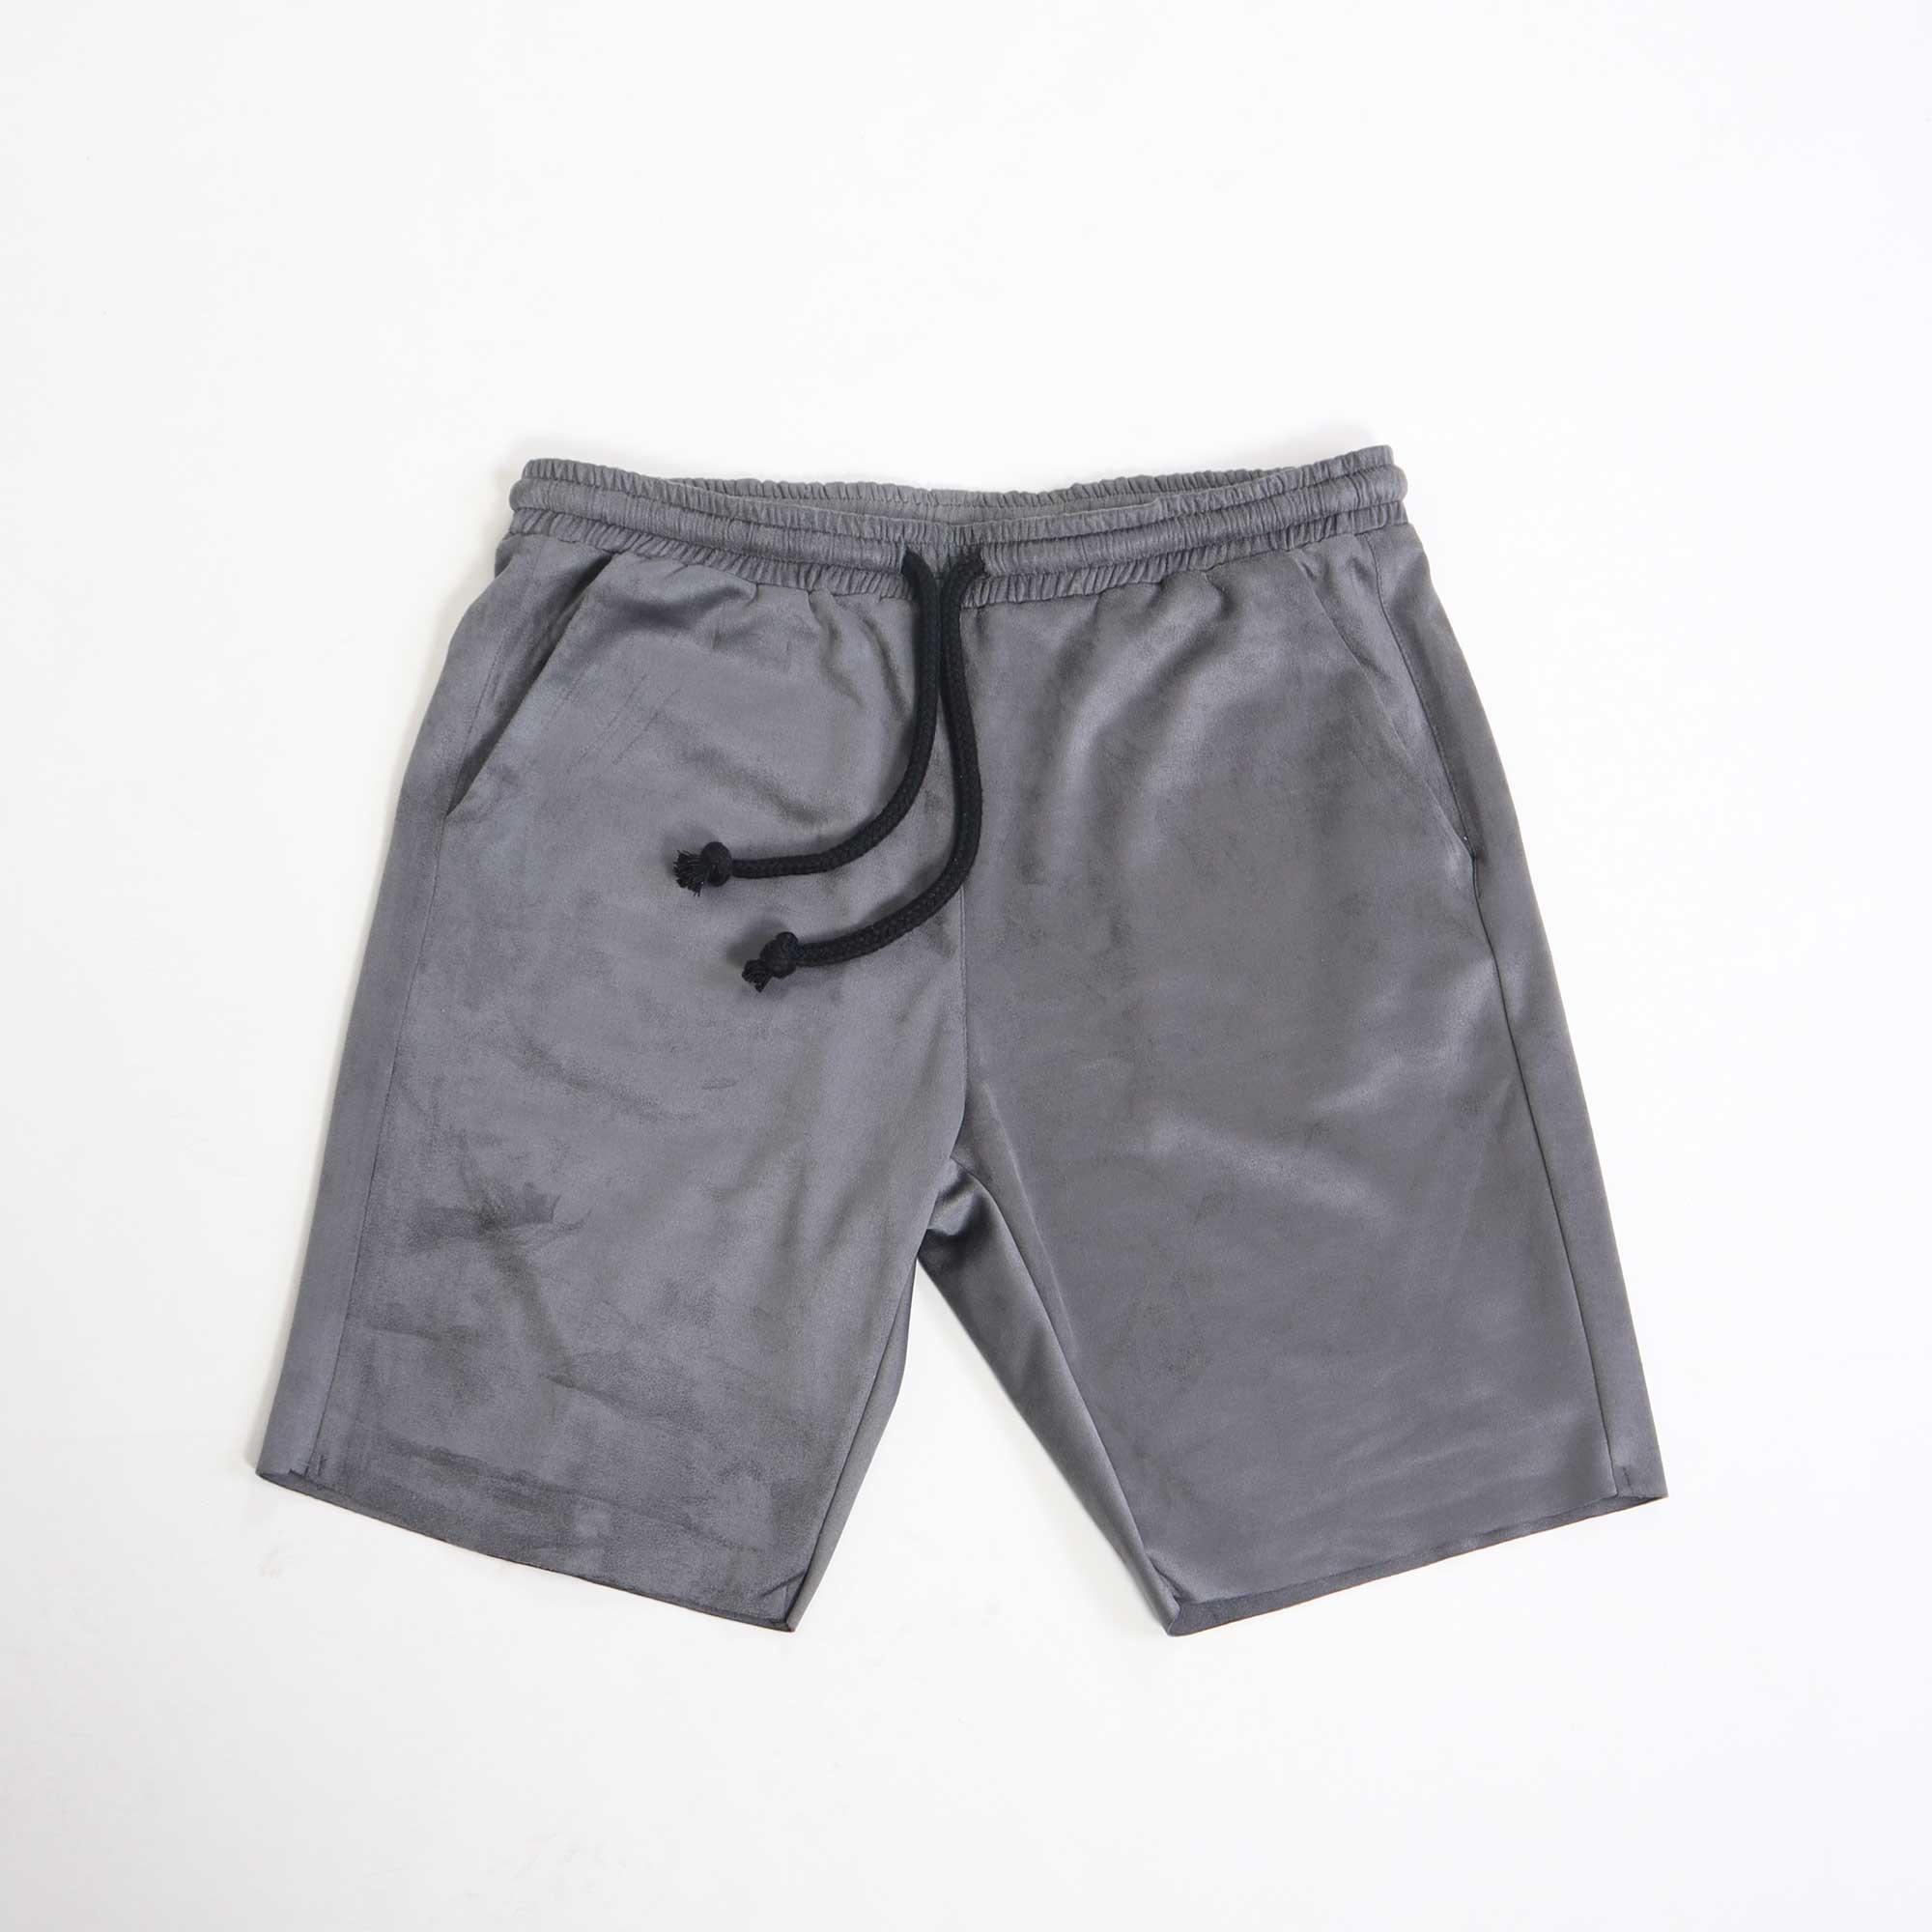 suede-short-grey-5